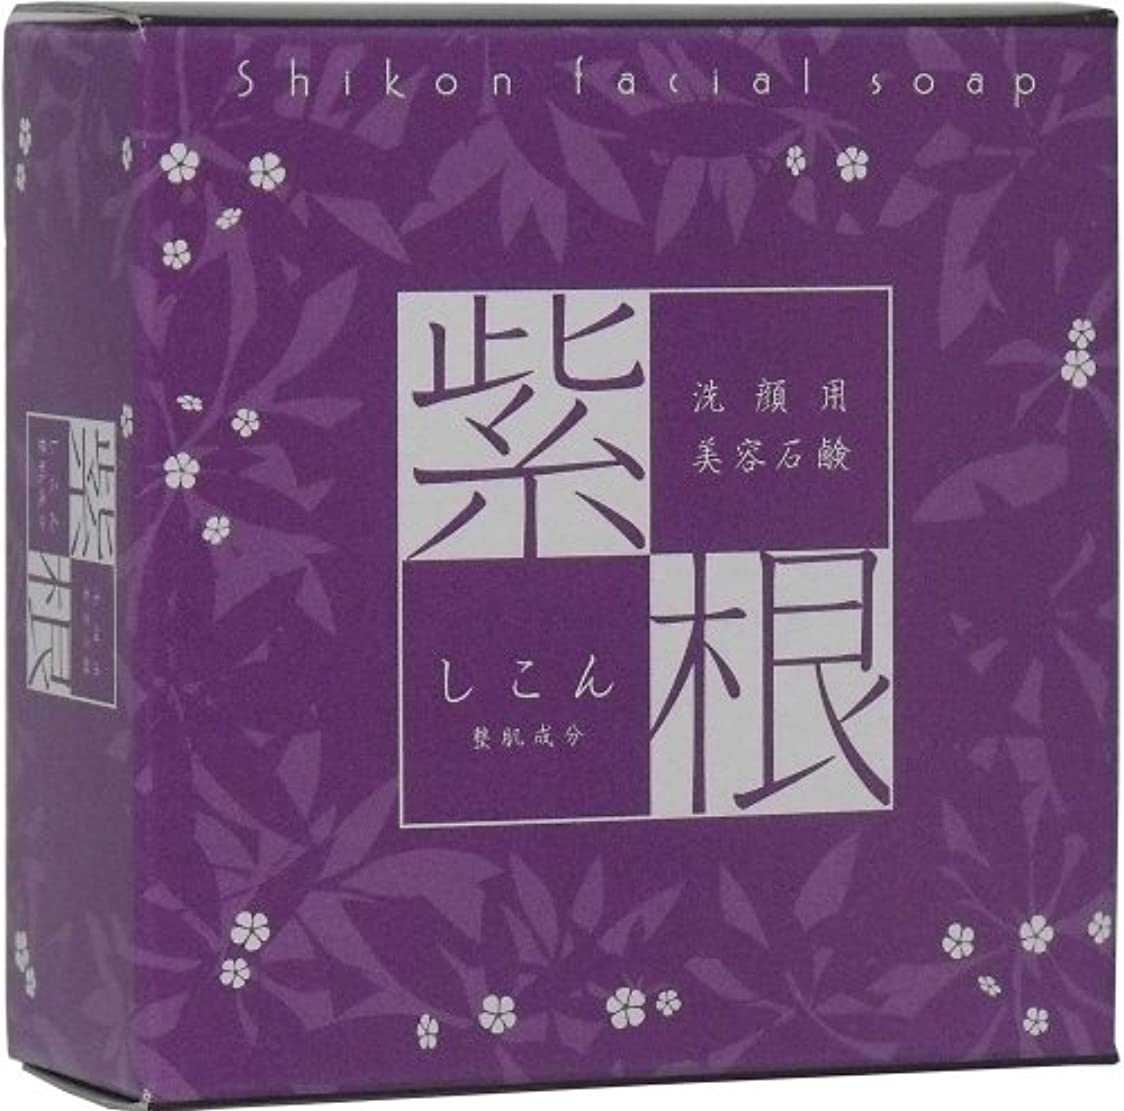 ピボットマトンレキシコン洗顔用 紫根石けん (泡立てネット付き) 100g ×10個セット